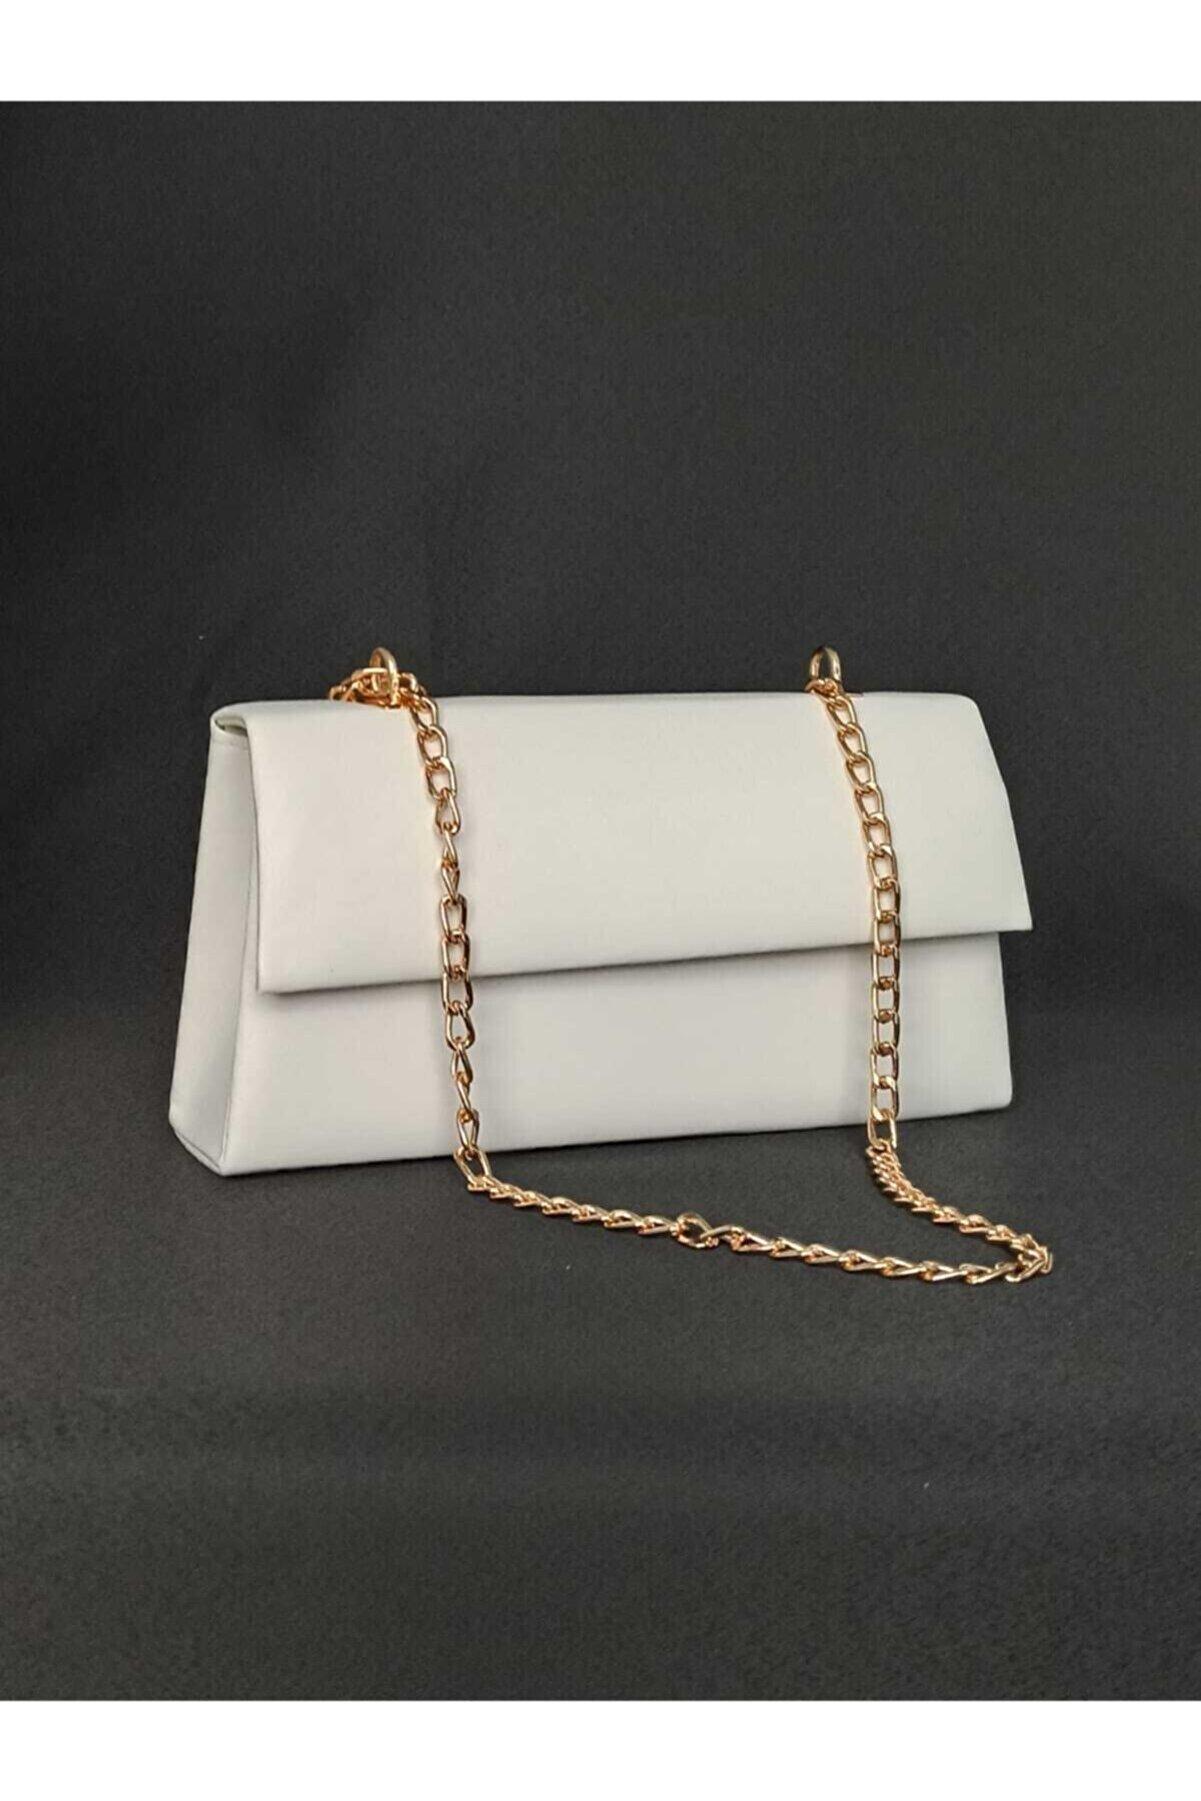 dizaynbag Kadın Zincir Askılı Çanta